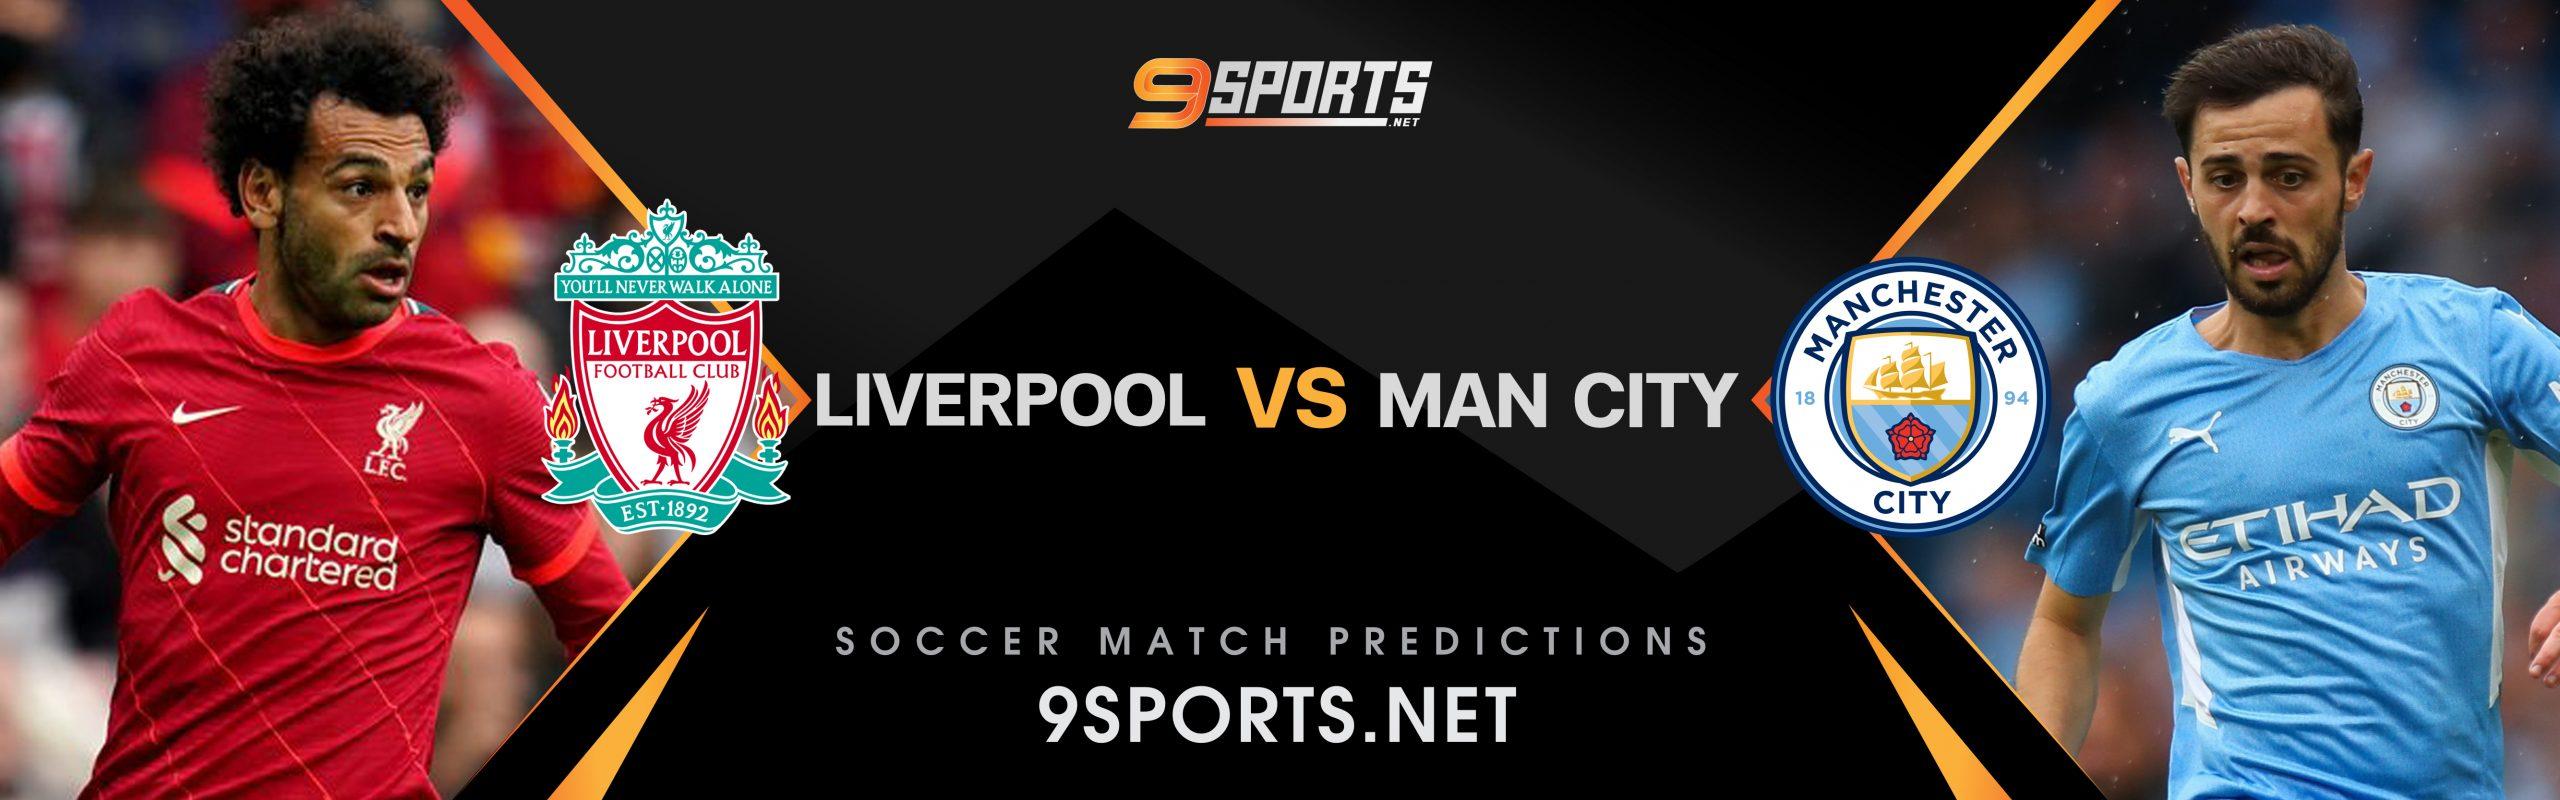 ทีเด็ดวิเคราะห์บอล 9Sports Premier League ลิเวอร์พูล VS แมนเชสเตอร์ ซิตี้